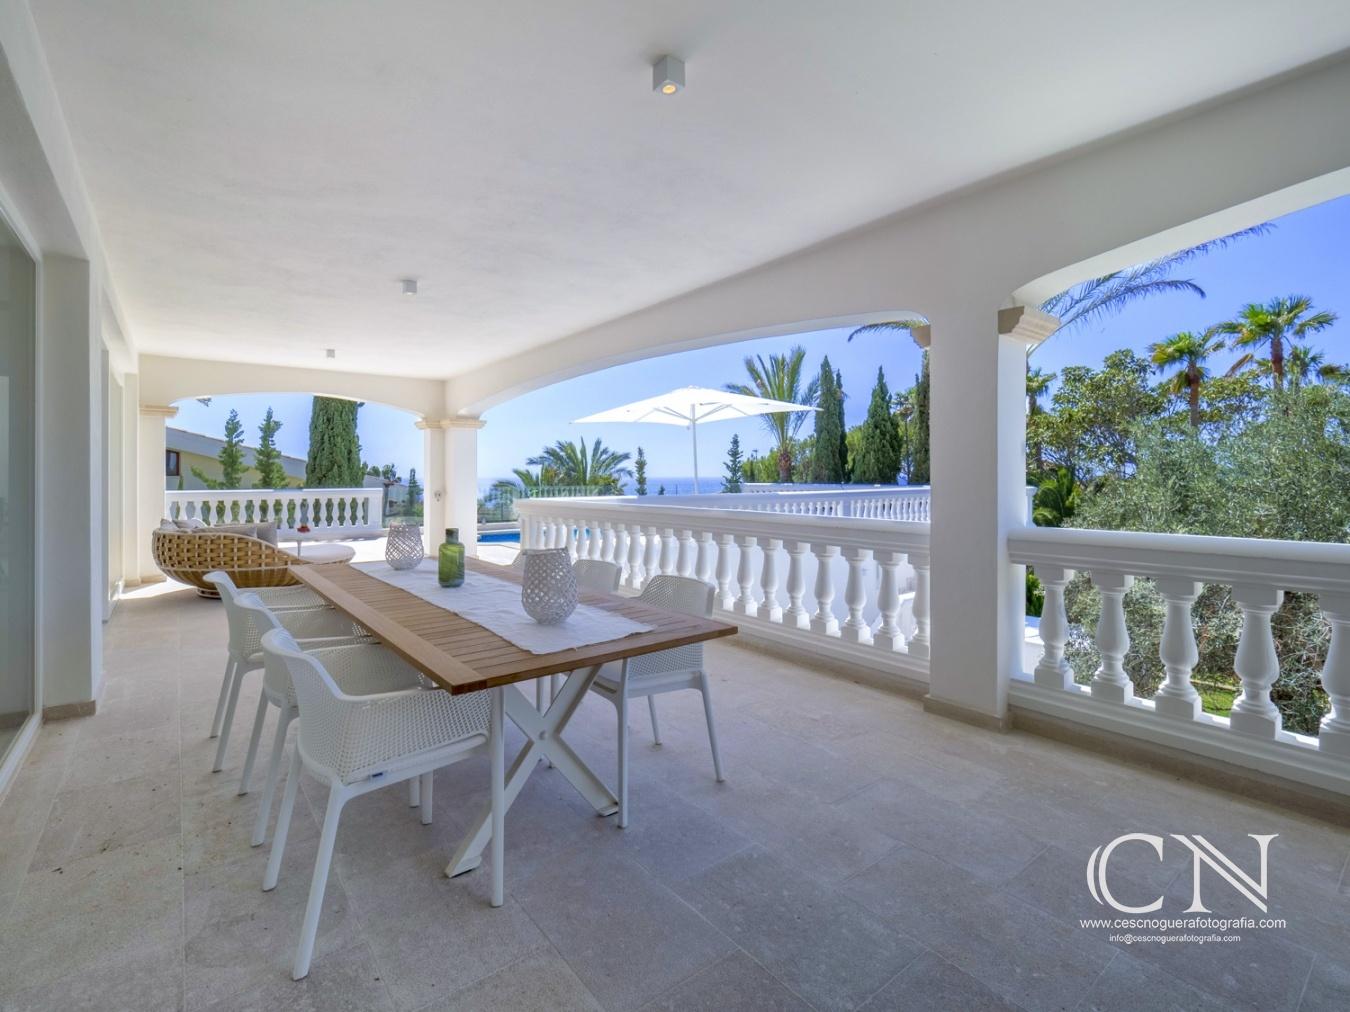 Villa Santa Ponça - Cesc Noguera Fotografie, Wenn Fotografie ist eine Leidenschaft, Architectural & Interior design photographer / Landscape Photography